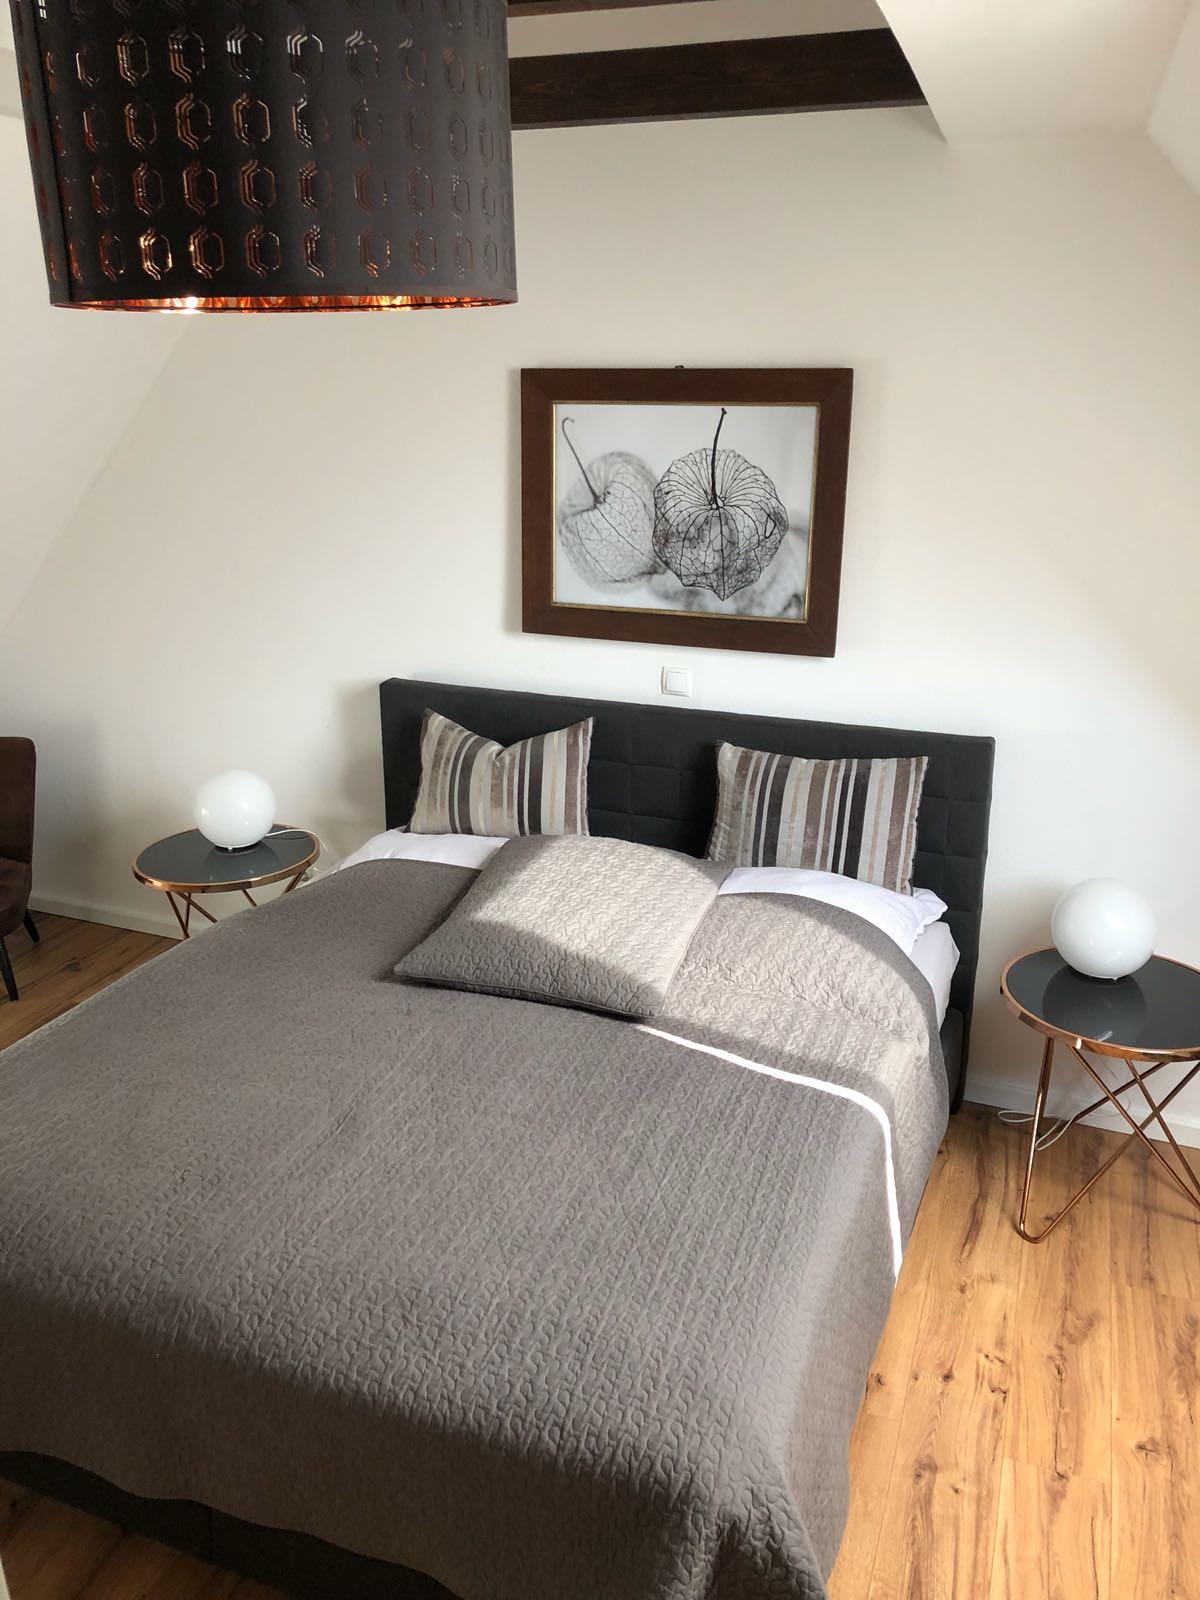 Ferienwohnung Schwerin - Schlafzimmer mit Bxspringbett